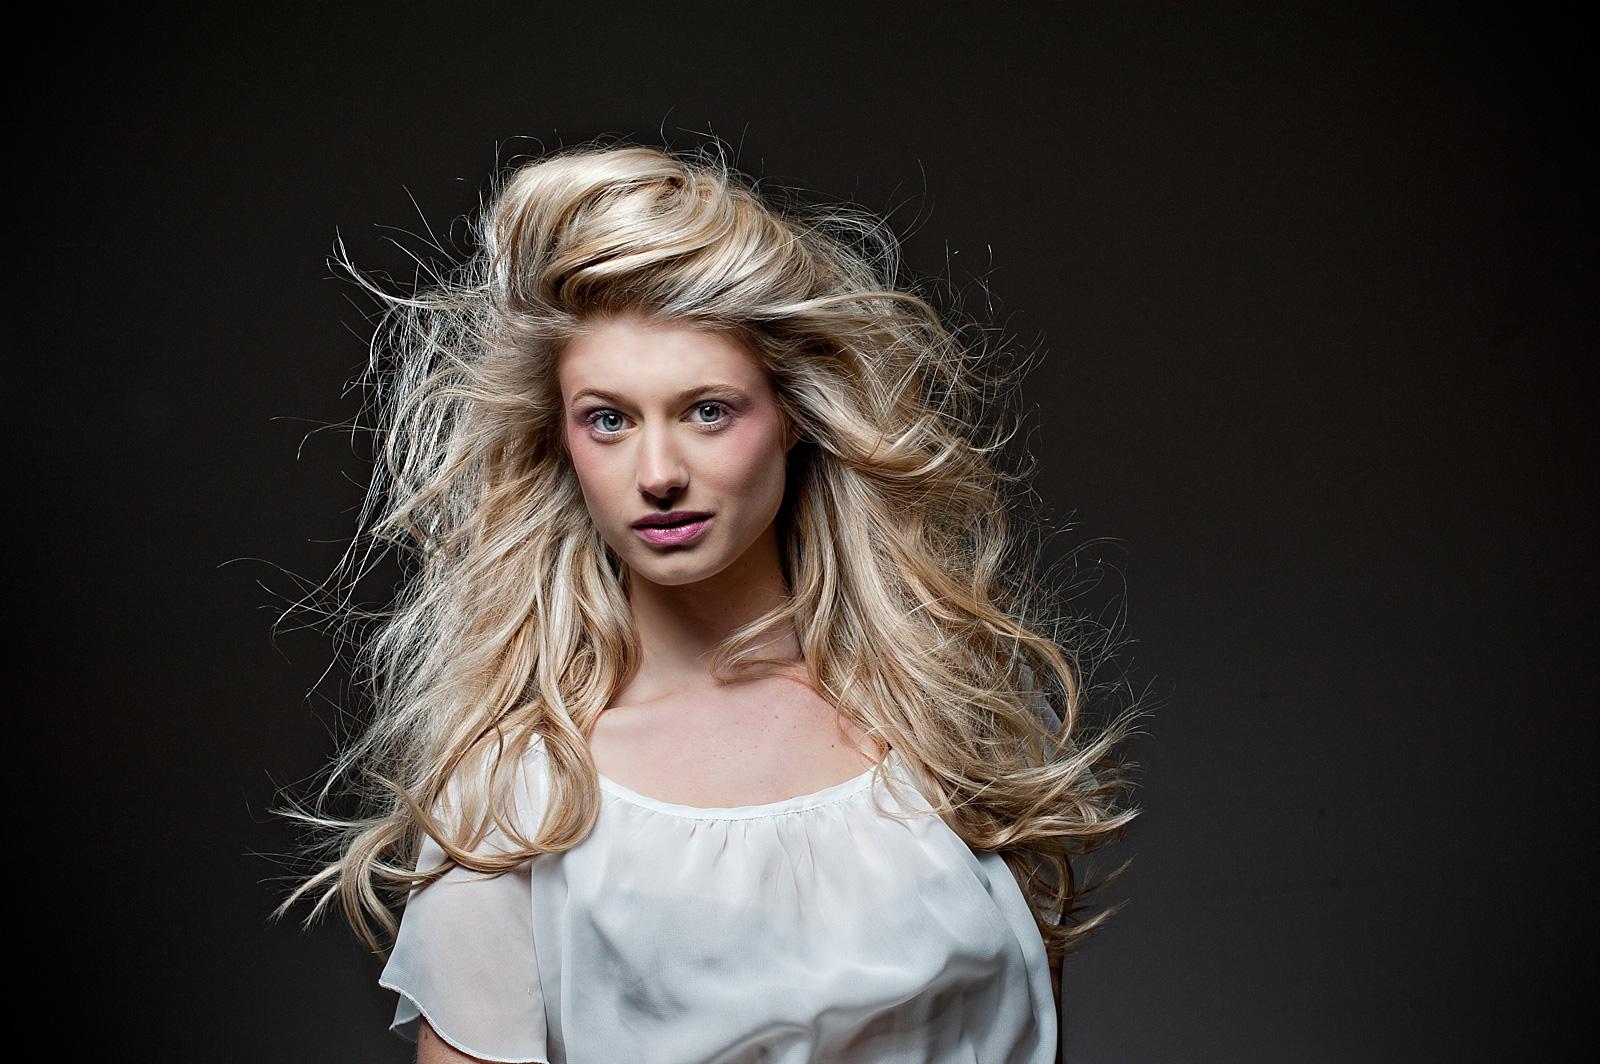 Evolve-Hair-Durban-Drew-Christie-Jacki-Bruniquel-01